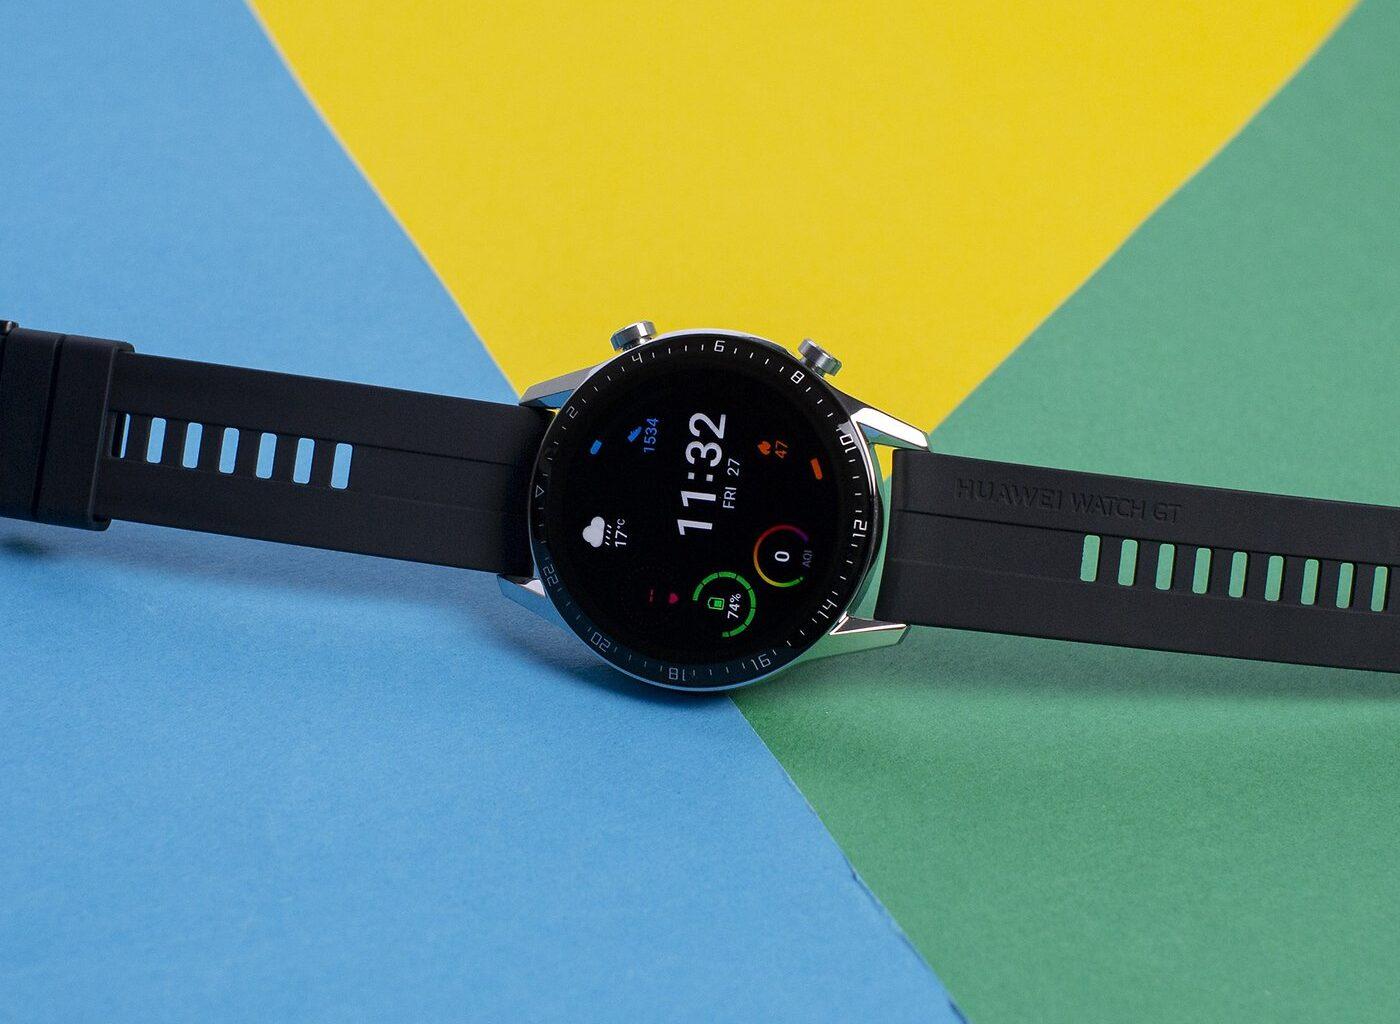 La superbe montre connectée Huawei Watch GT 2 tombe à un prix exceptionnel ! - www.heavybull.com